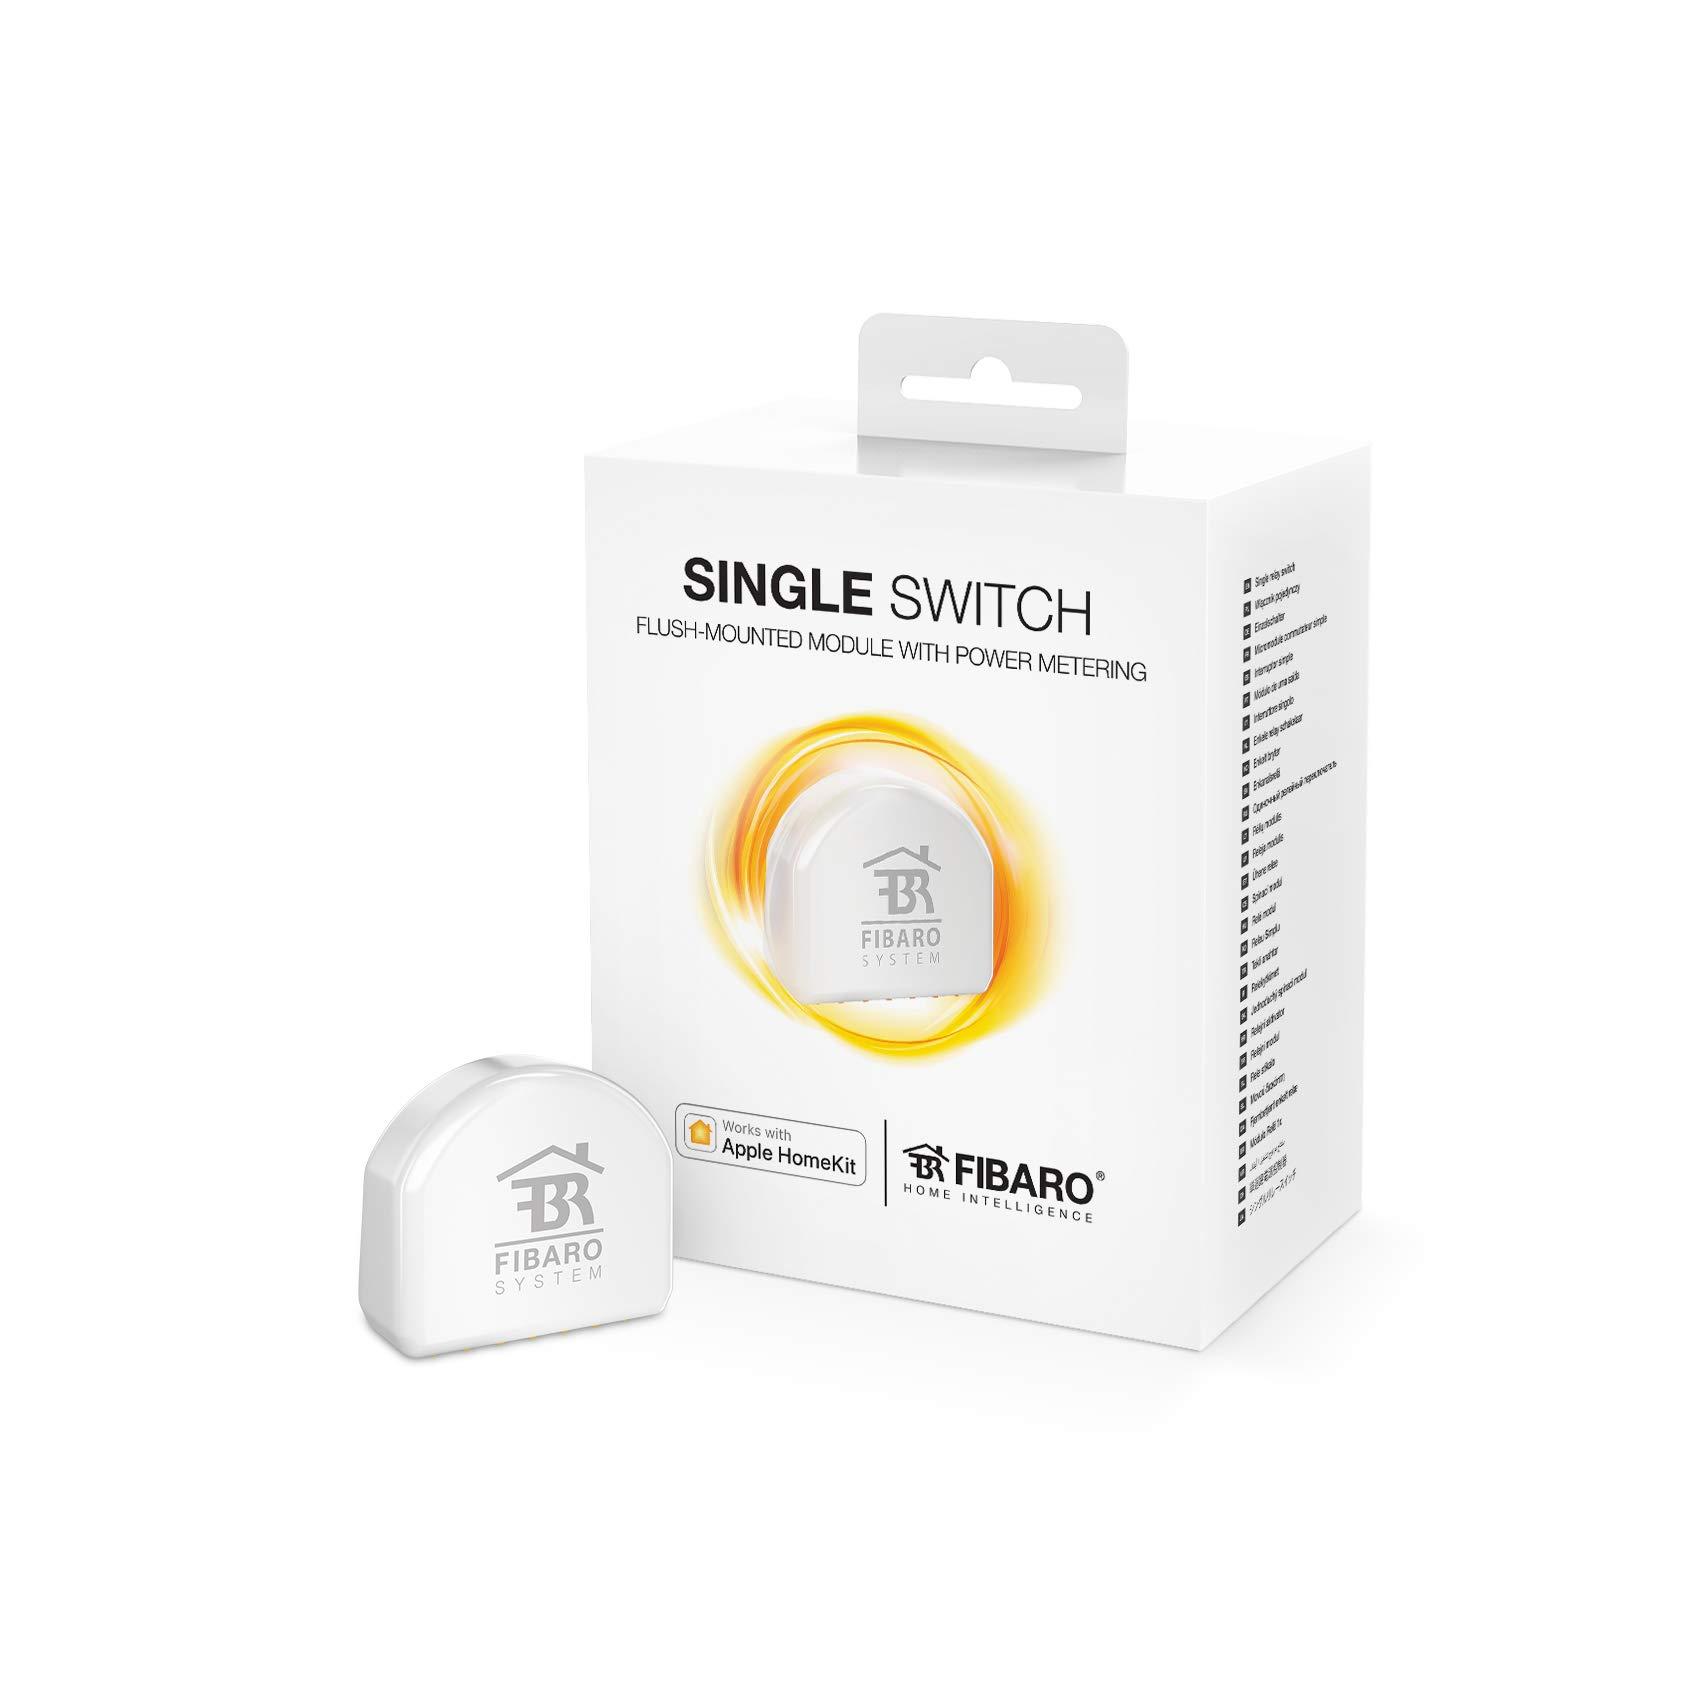 Fibaro FGBHS-213 regulador Inteligente de luz Inalámbrico Blanco - Reguladores Inteligentes de luz (Inalámbrico, Bluetooth, Blanco, Pared, 2400 MHz, Botones)